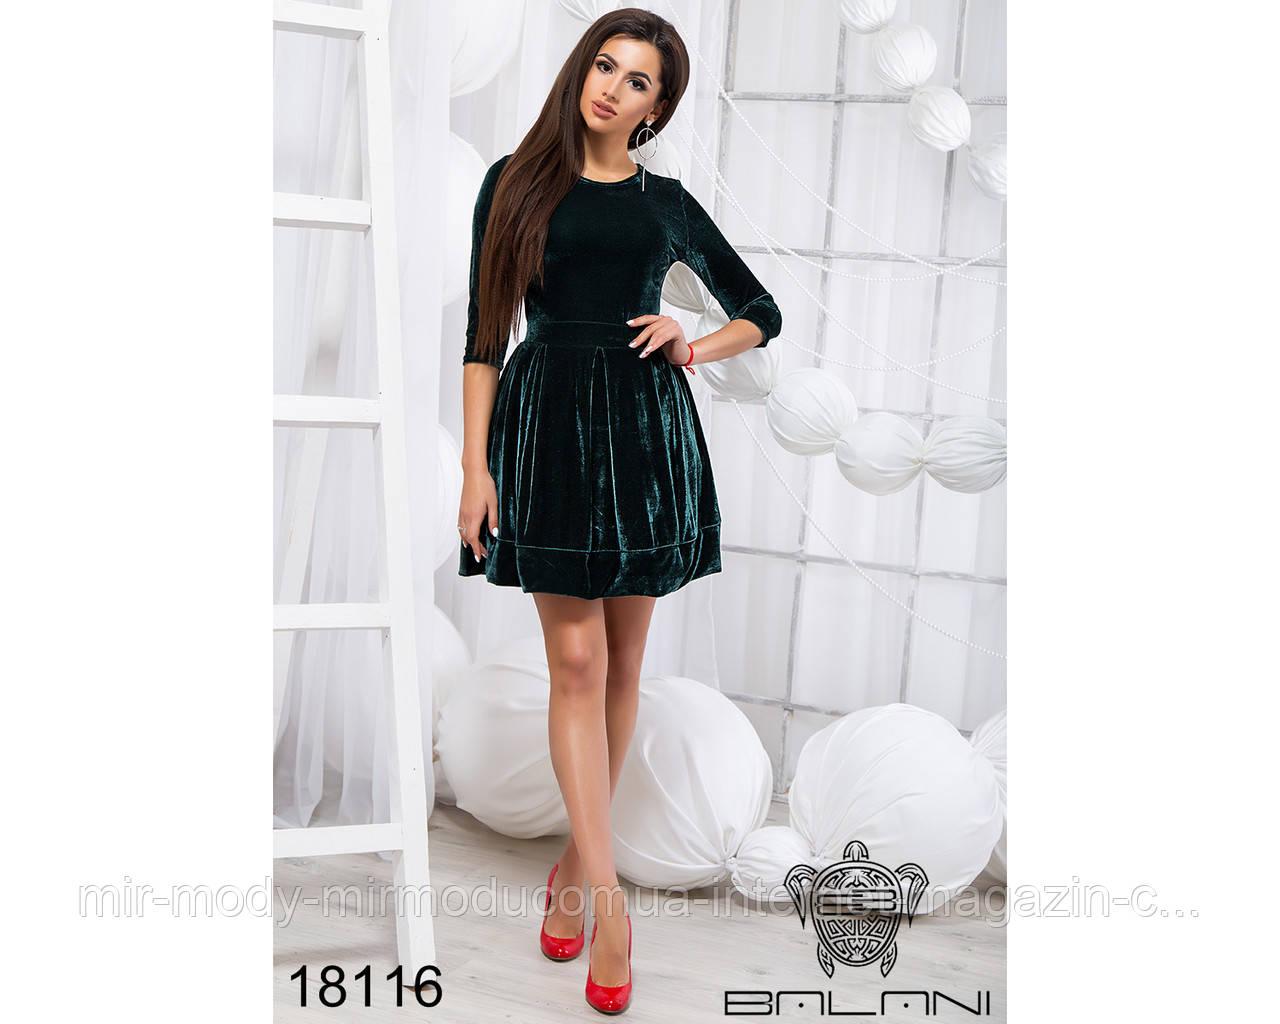 Элегантное короткое платье - 18116(б-ни)